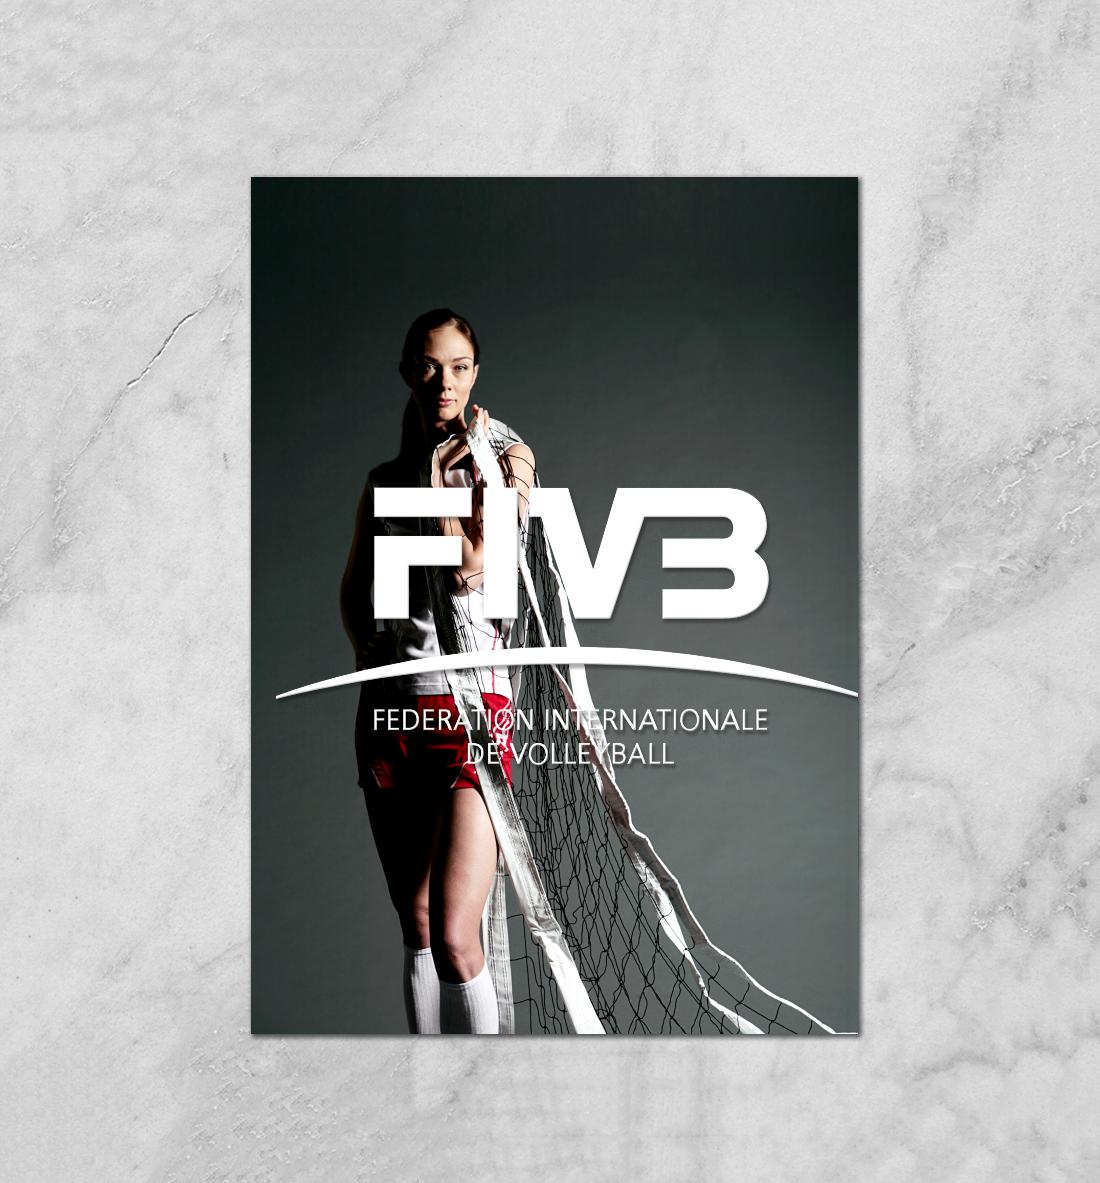 Купить FIVB, Federation Internationale de Volleibal, Printbar, Плакаты, VLB-429693-plk